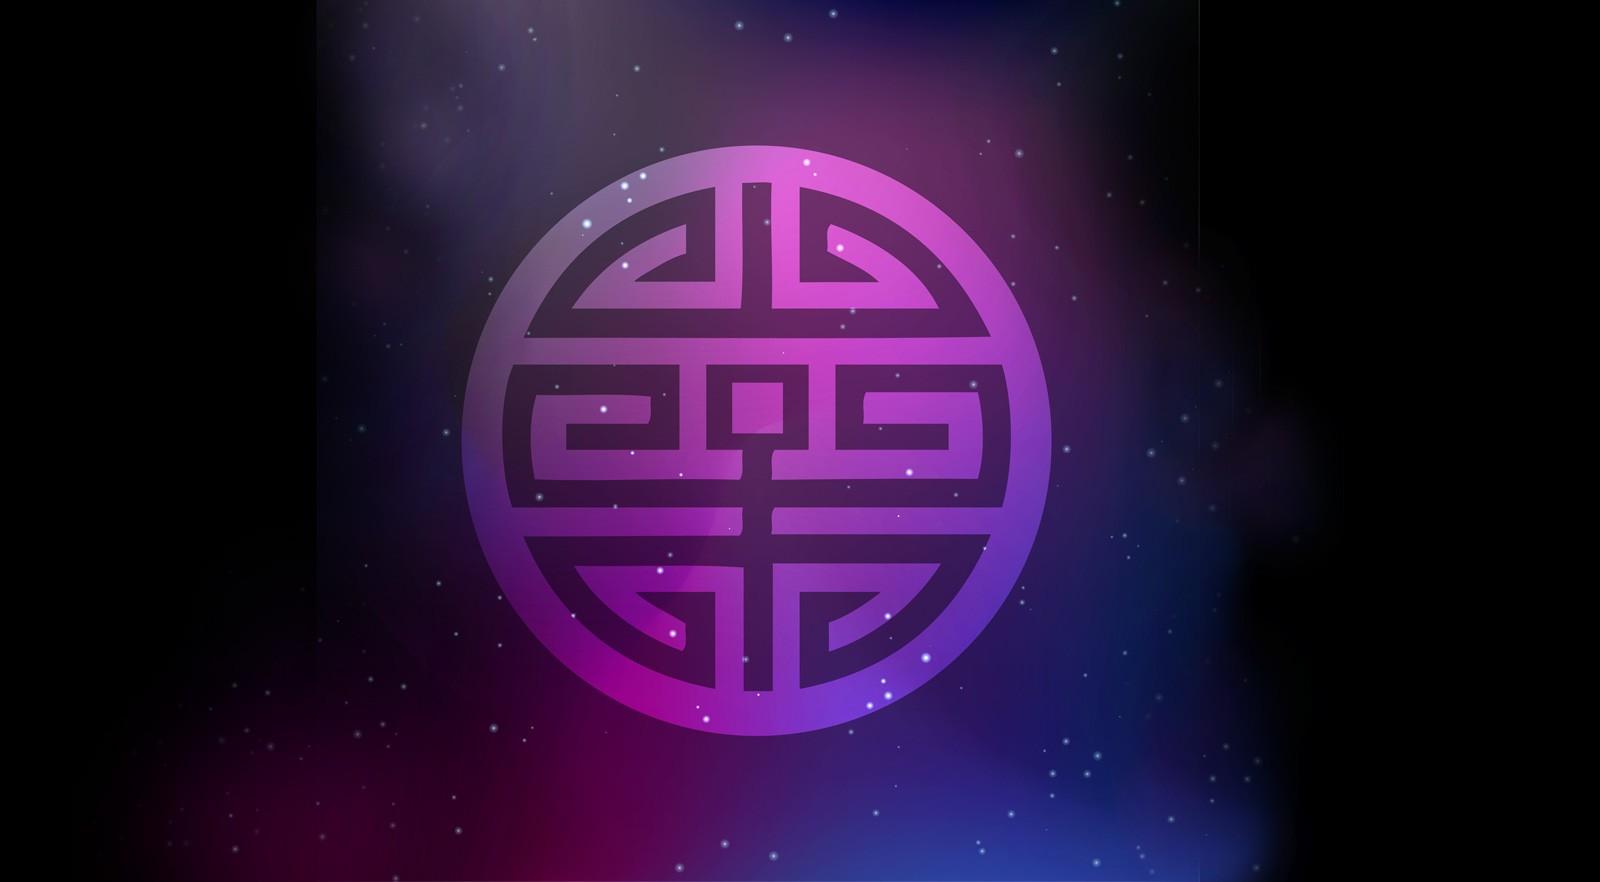 shou symbol shou tattoo ideas